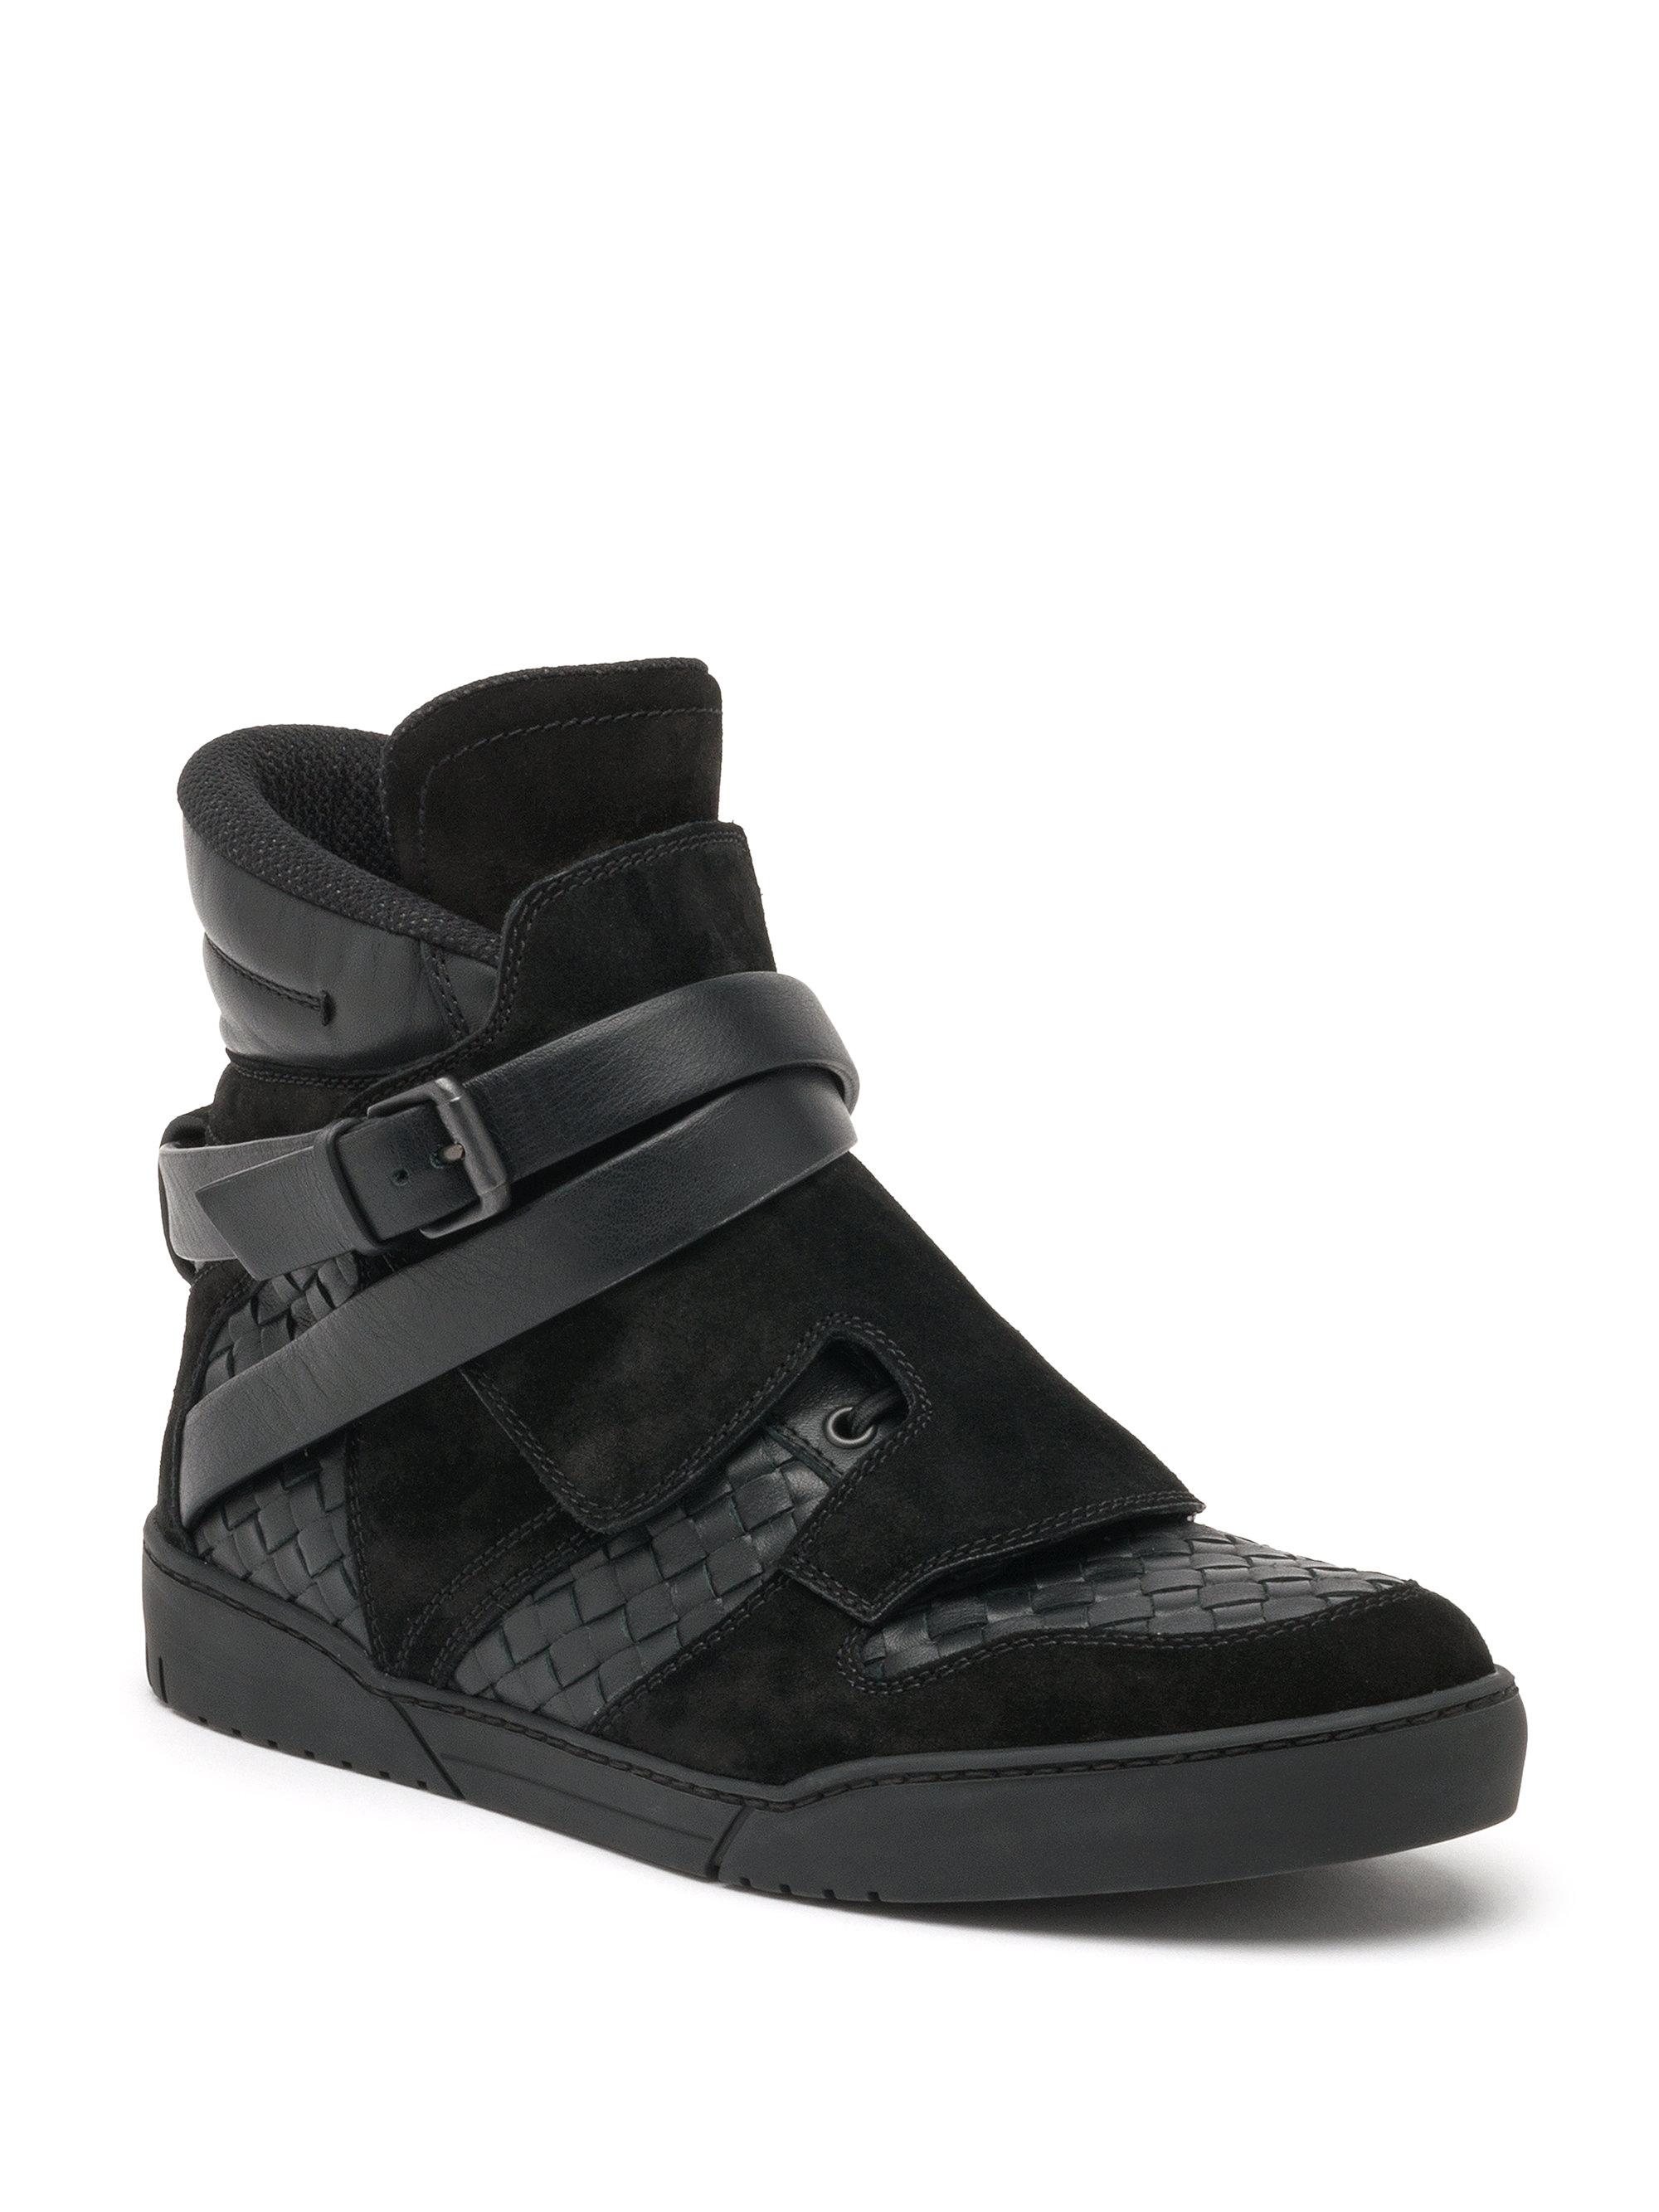 Bottega Veneta Black Suede Shoes Men